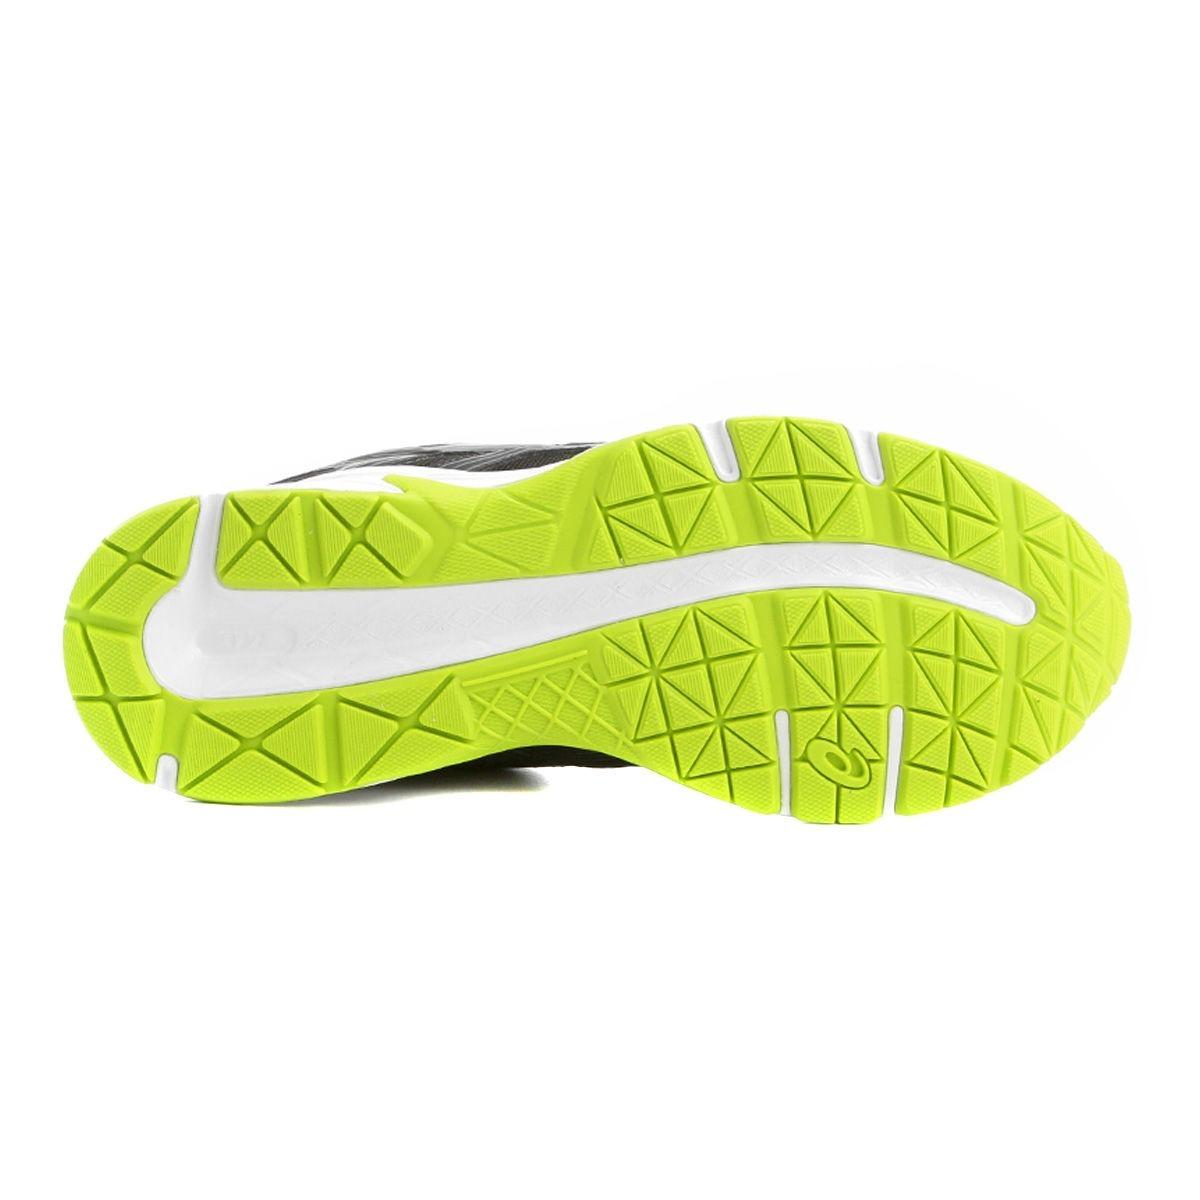 ... tênis asics gel contend 4 a - preto e verde - promoção. Carregando zoom. d49e878eb2b81